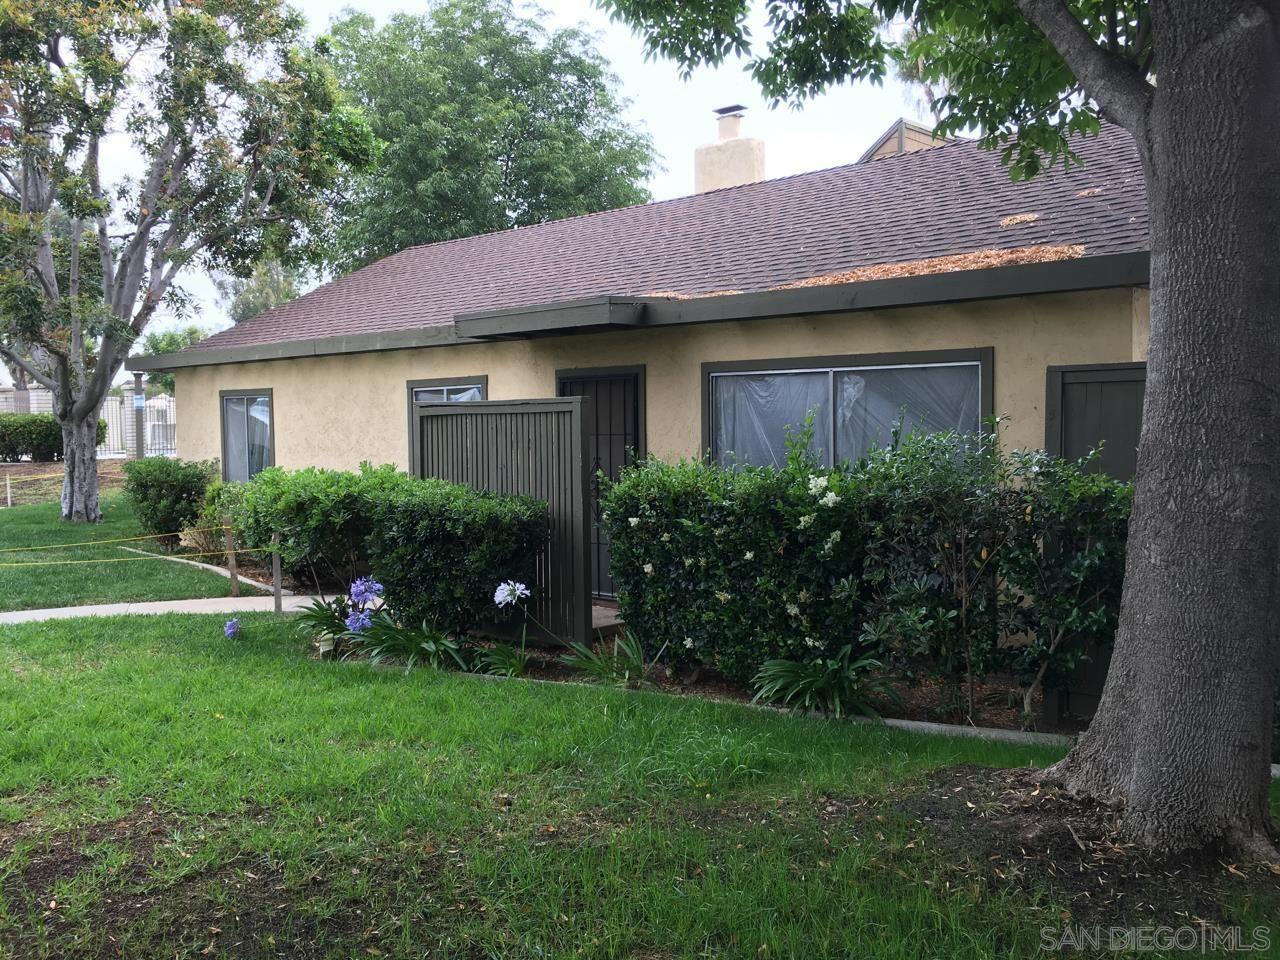 Photo of 10530 Caminito Pollo, San Diego, CA 92126 (MLS # 210026612)